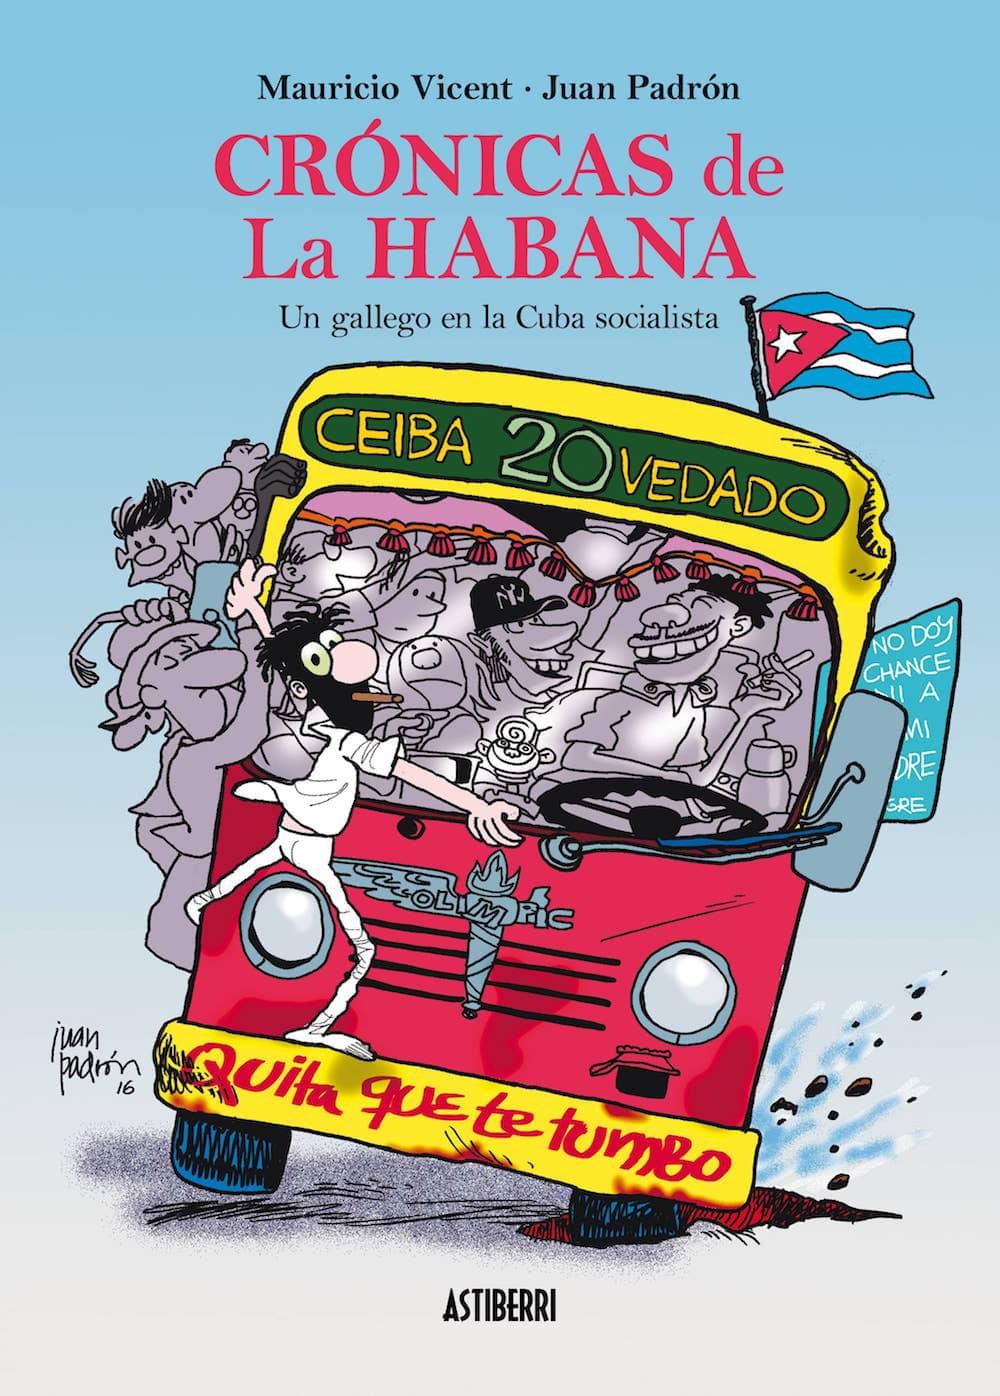 CRONICAS DE LA HABANA. UN GALLEGO EN LA CUBA SOCIALISTA